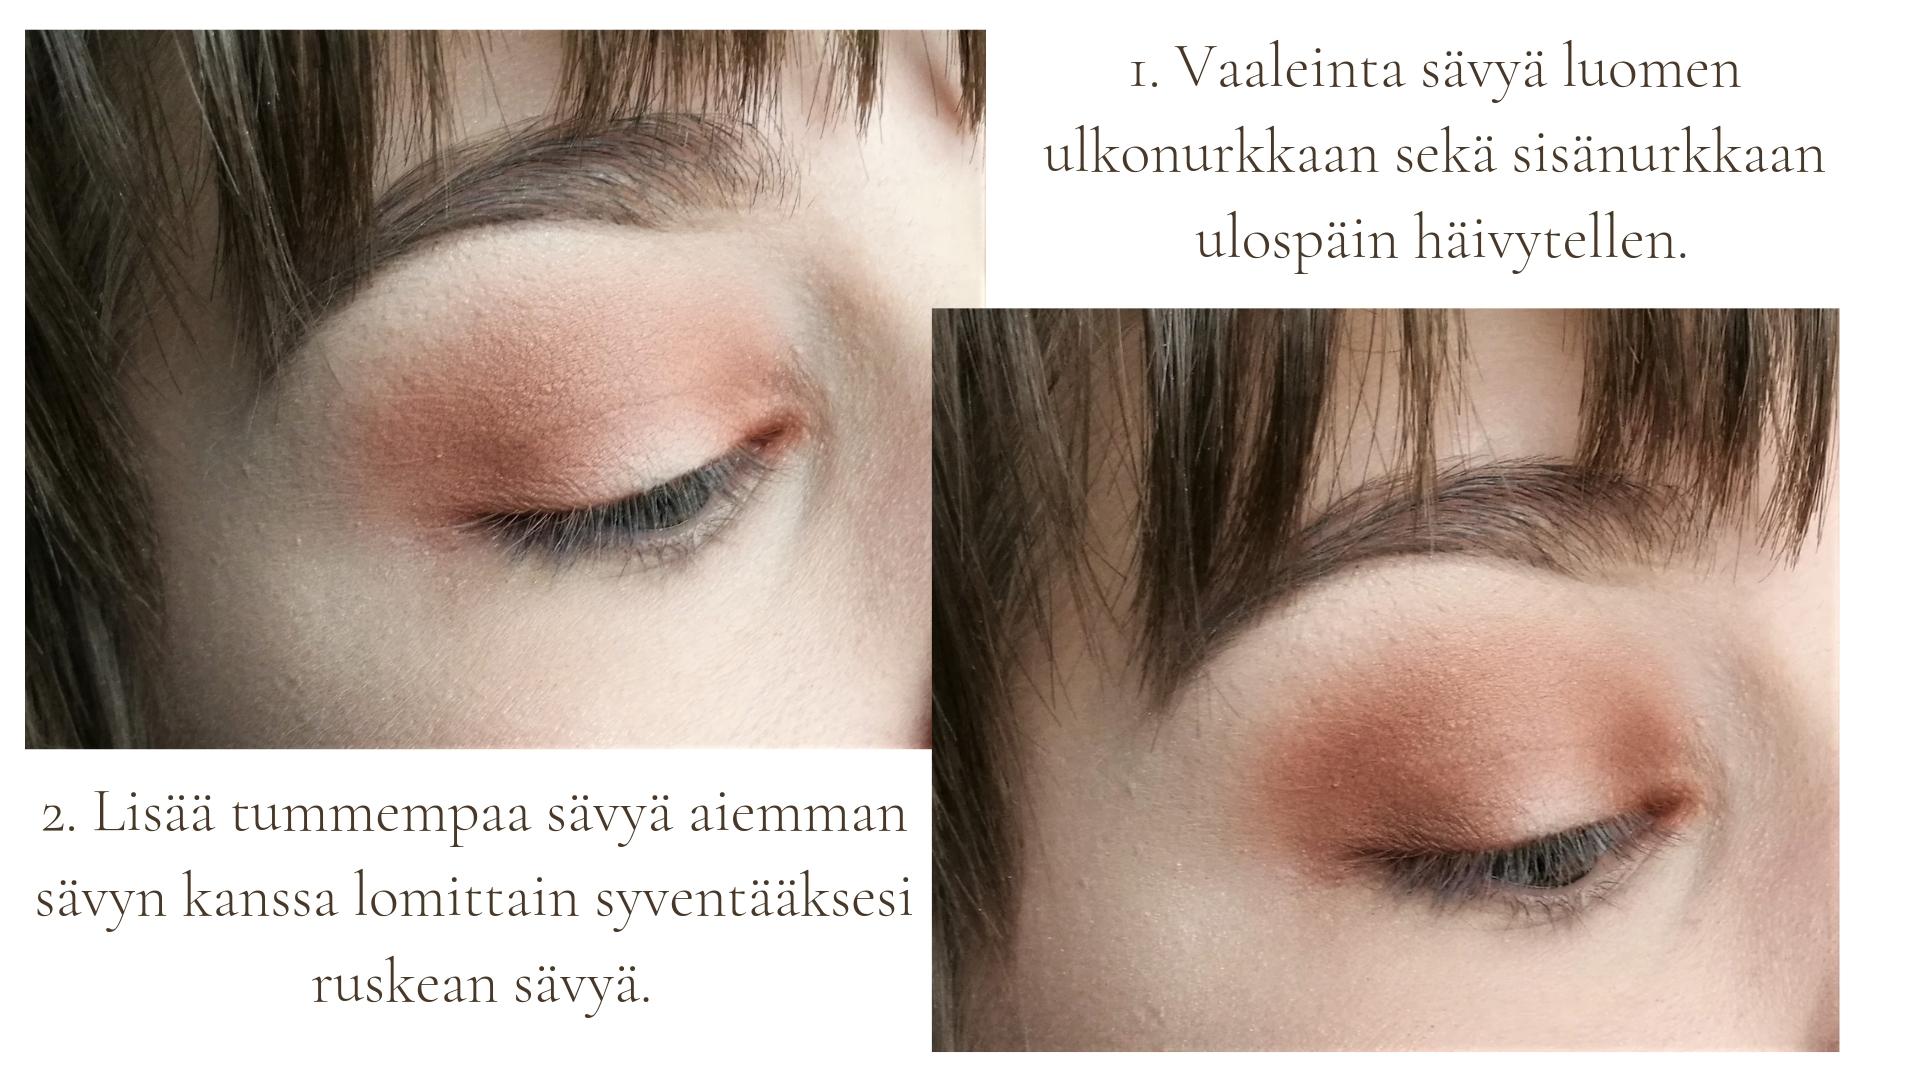 vaaleinta_savya_luomen_ulkonurkkaan_seka_sisanurkkaan_ulospain_haivytellen.jpg